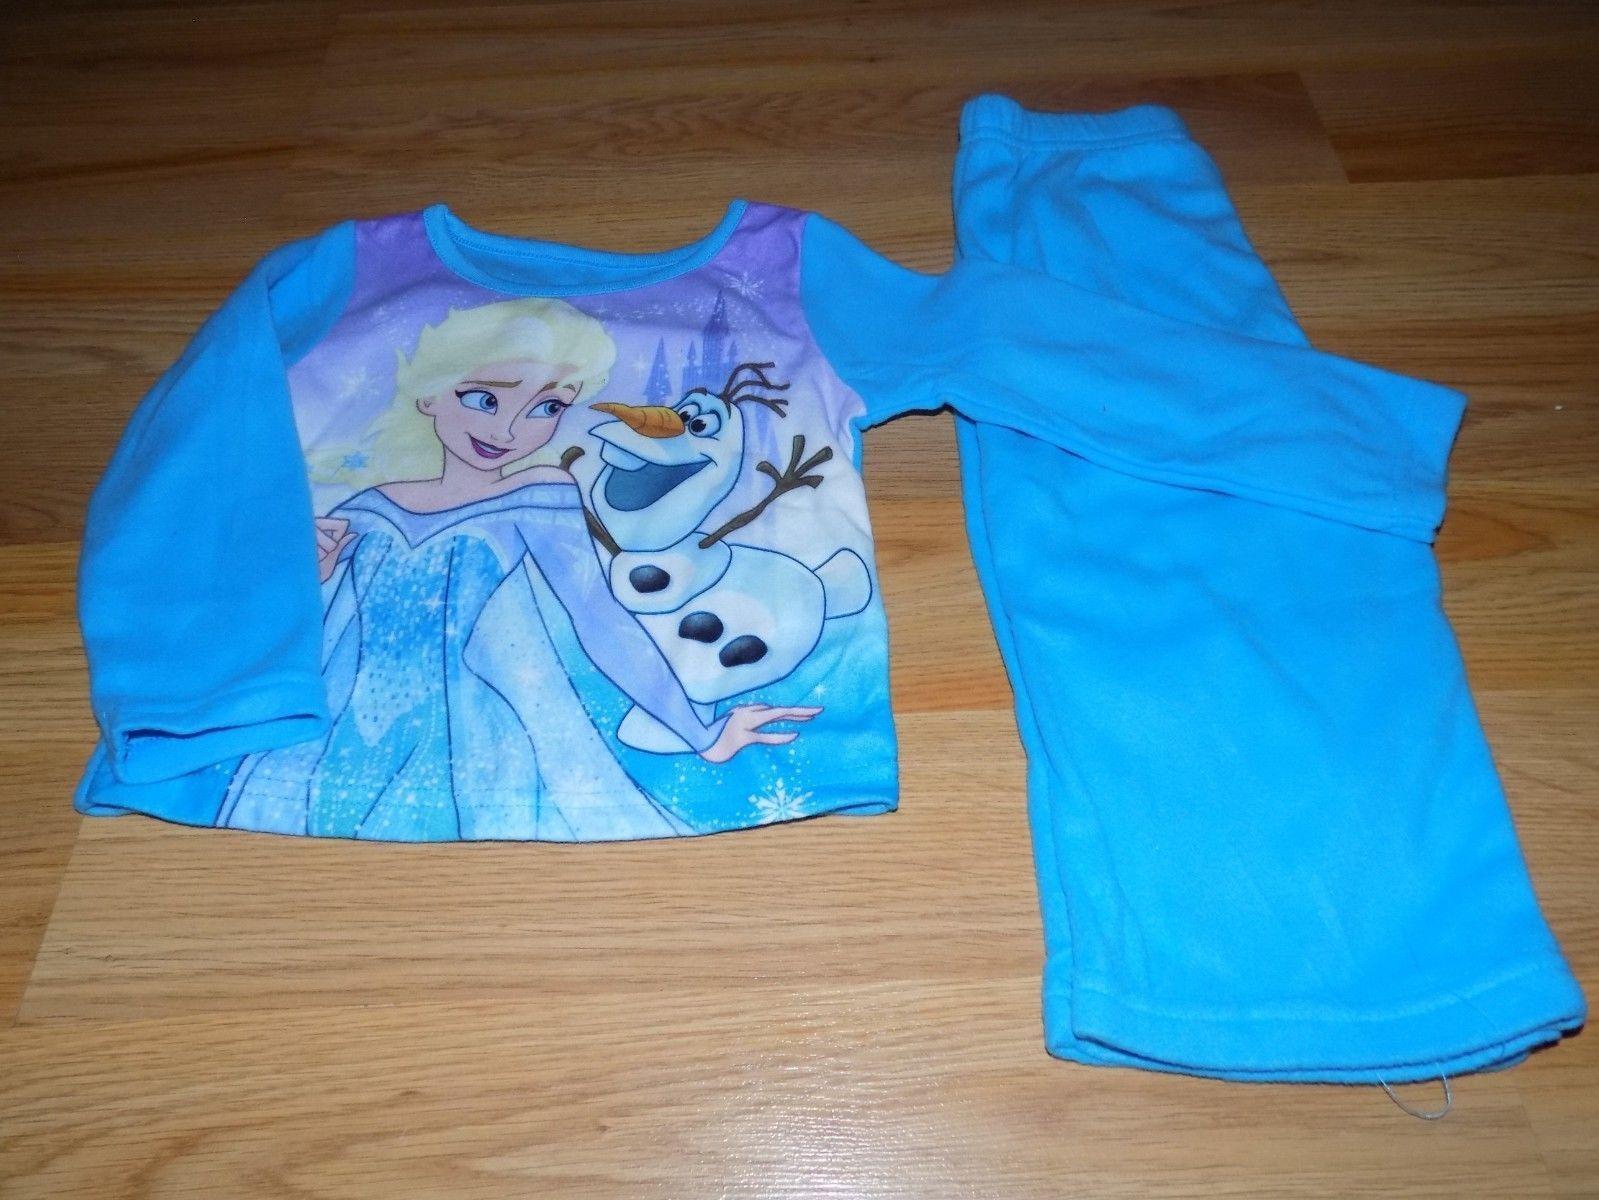 Size 3T Disney Frozen Queen Elsa Olaf Blue 2 Piece Sleepwear Set Flannel Pajamas